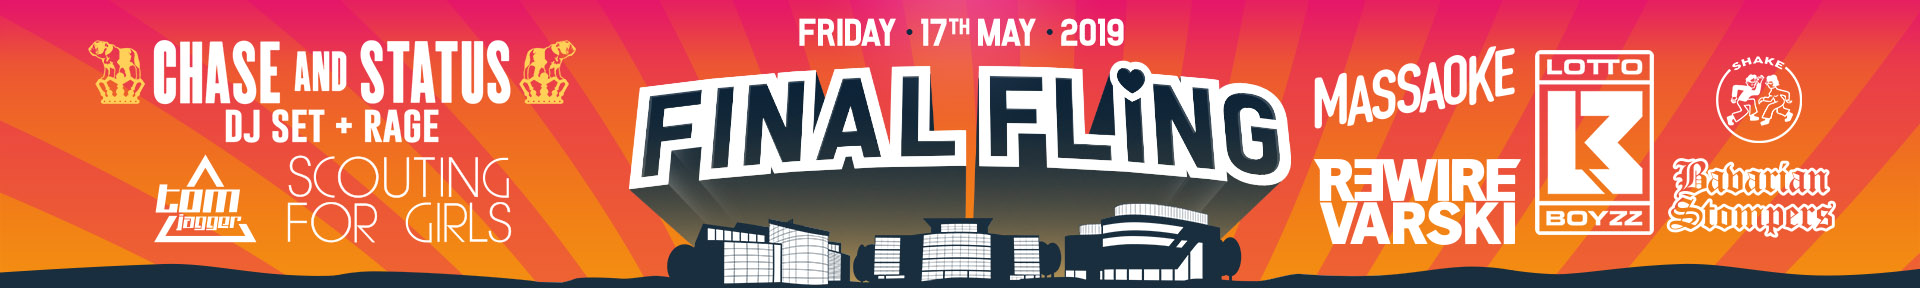 Final fling 2019 lineup web banner